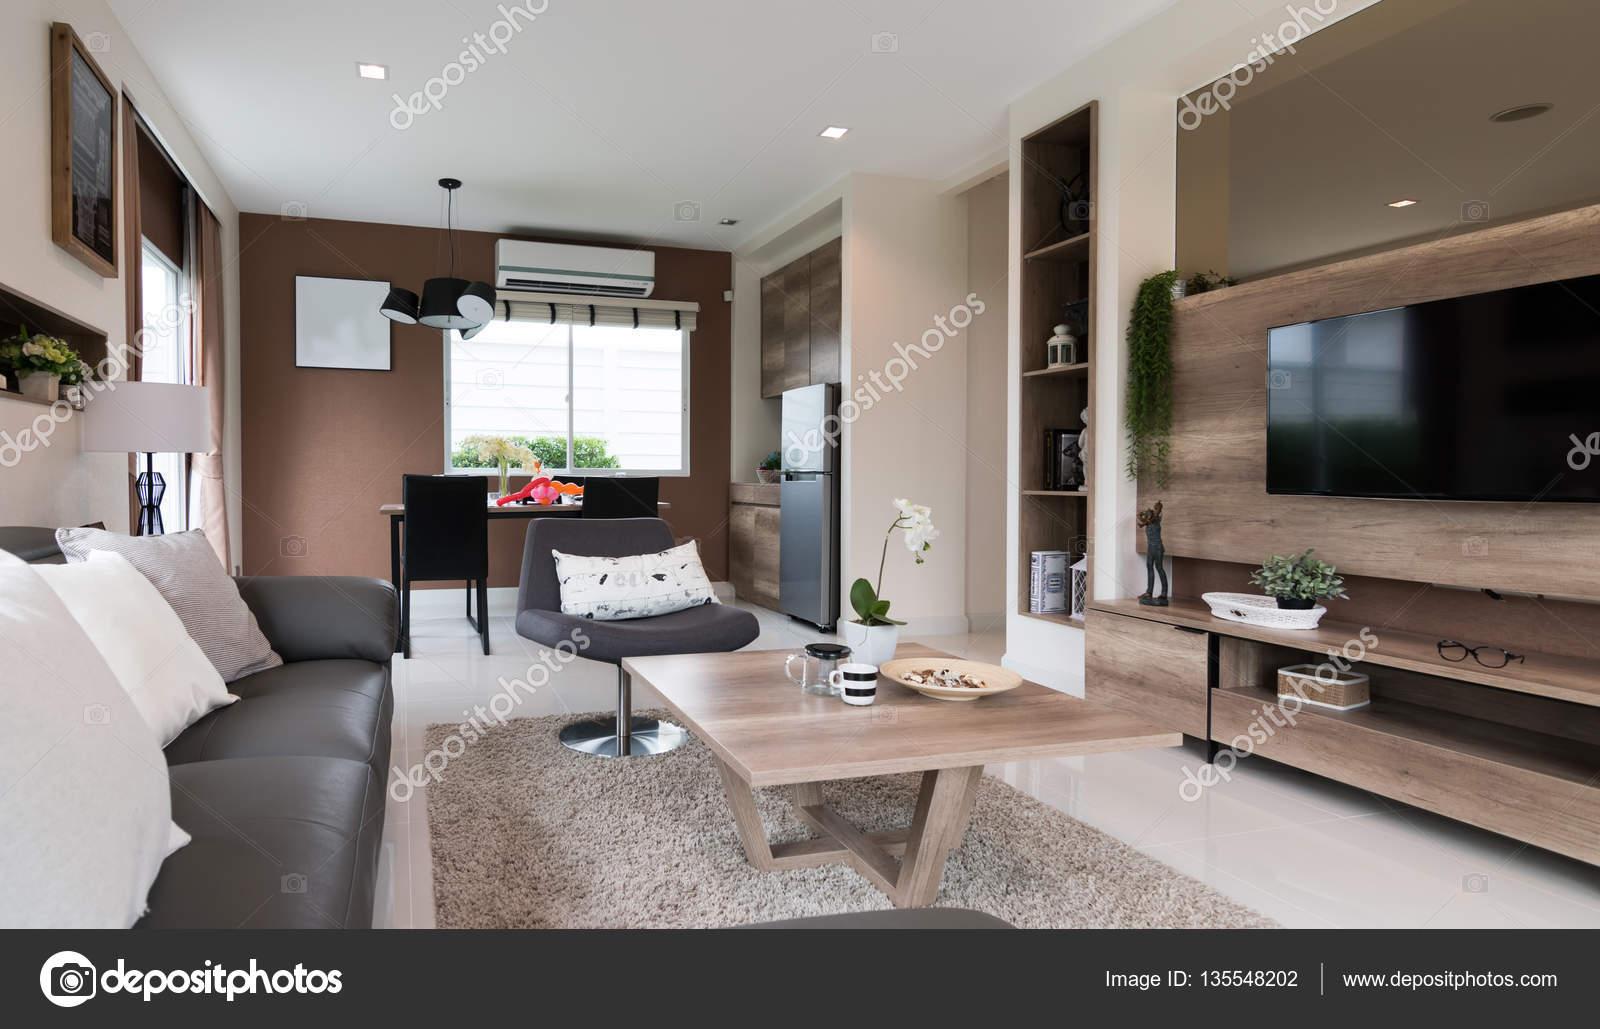 Mooie kamer interieur met hardhoutvloeren en uitzicht over de nieuwe